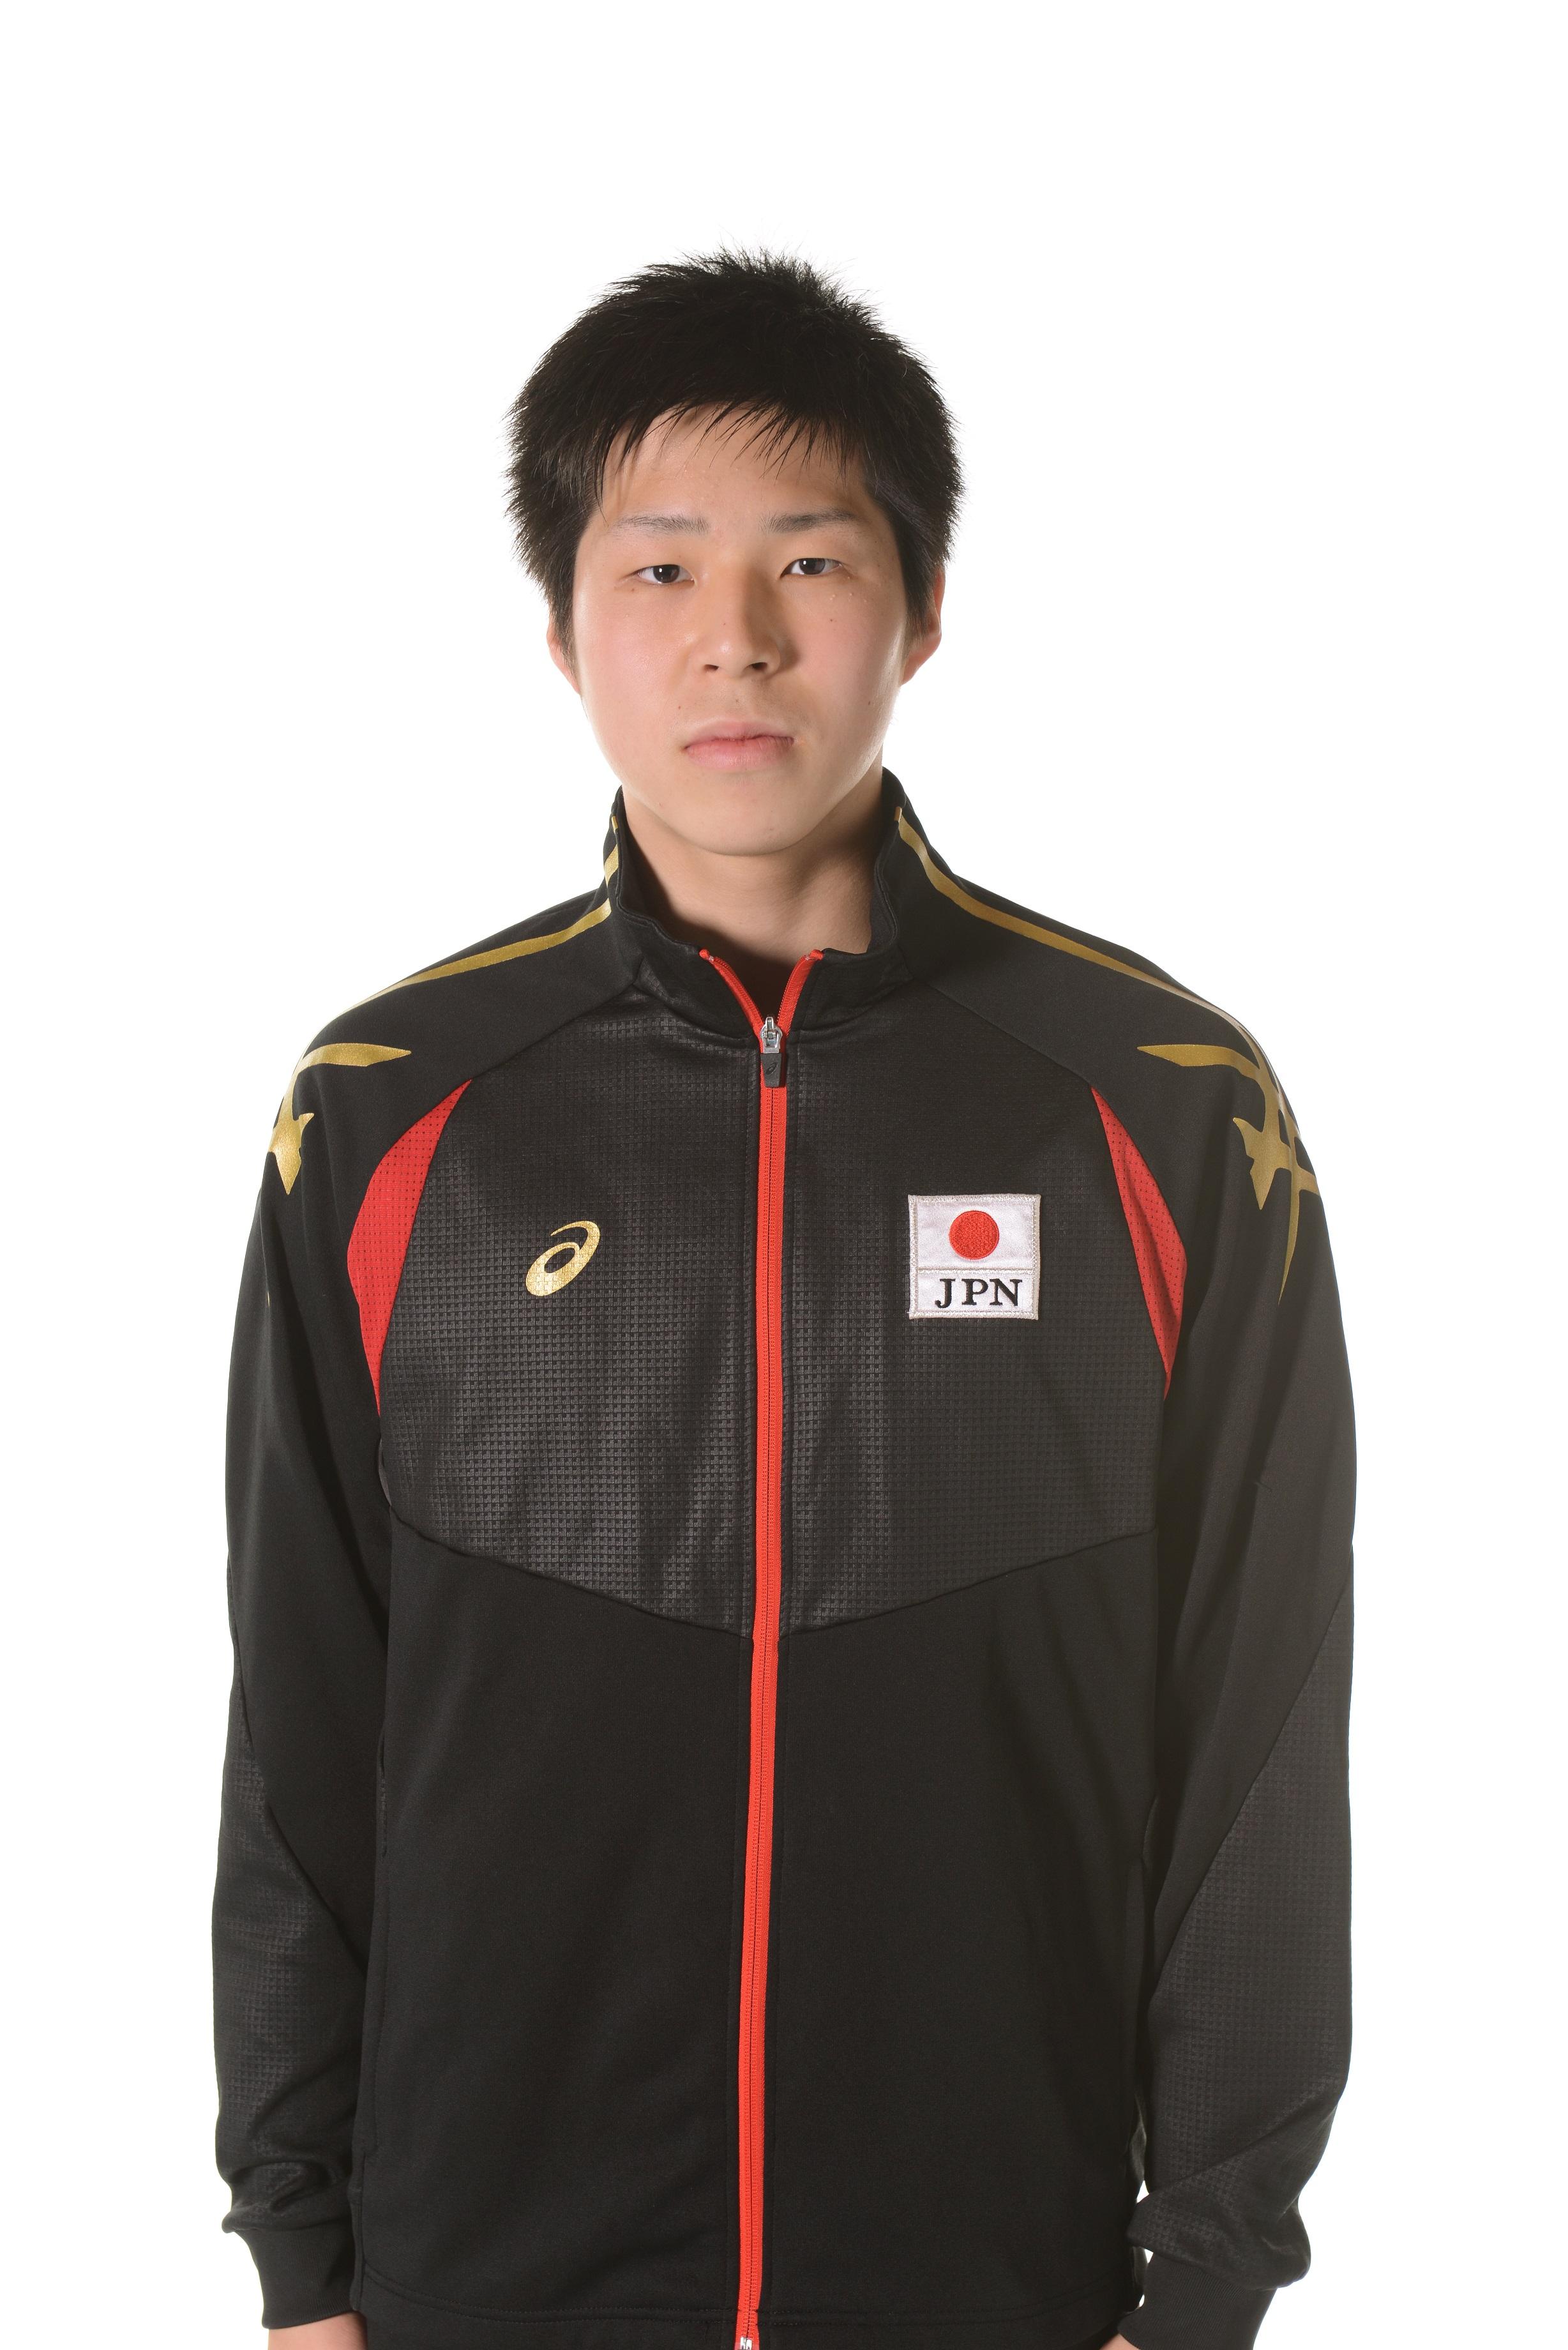 Yudai Arai